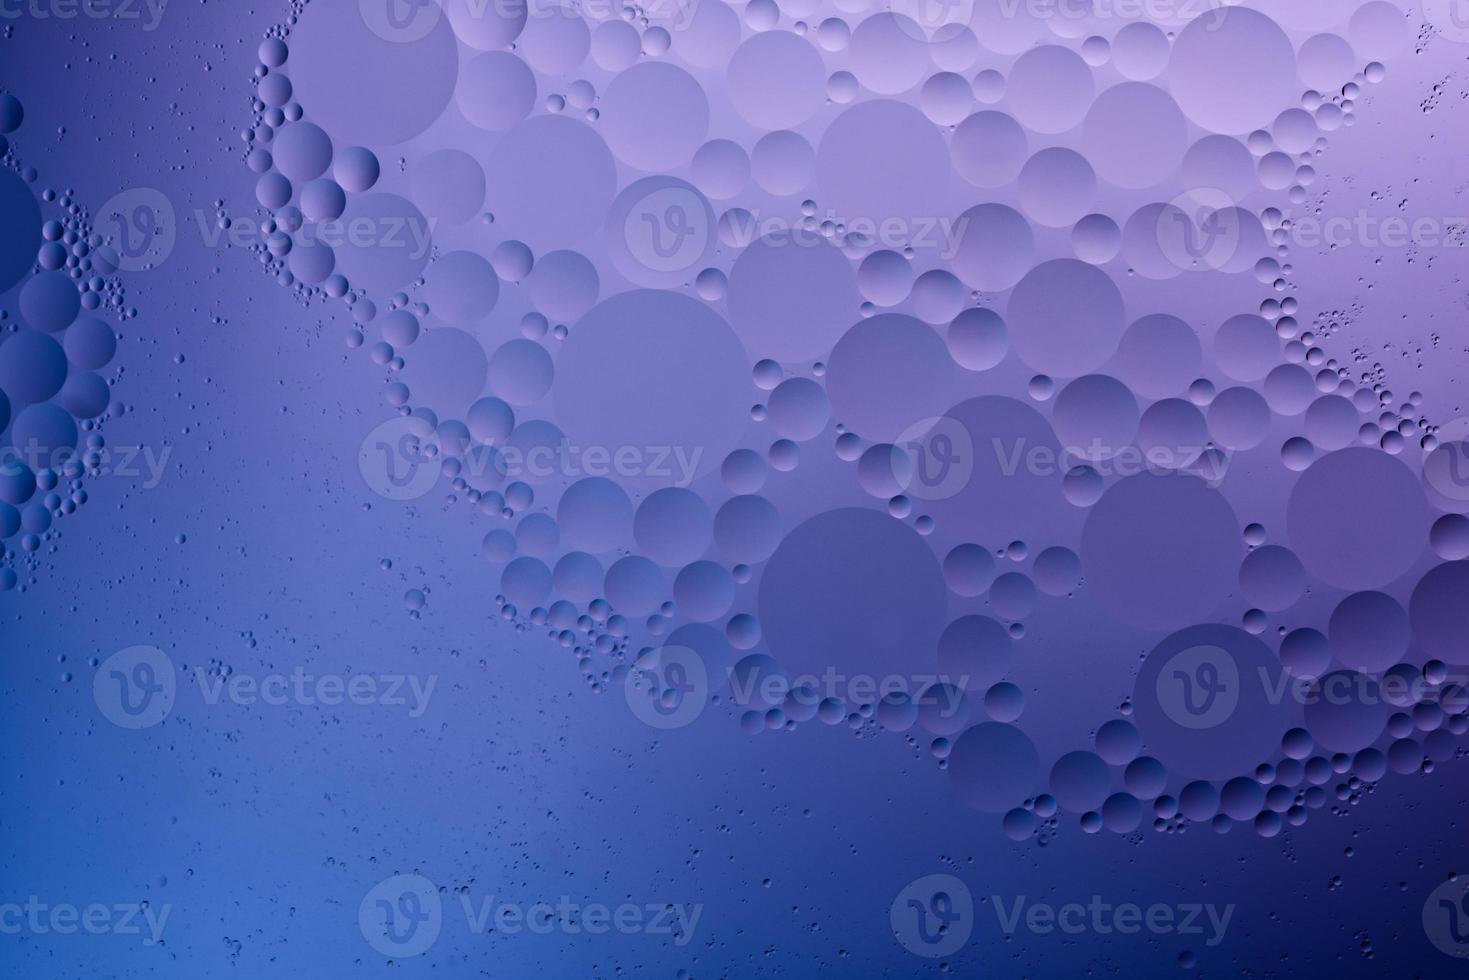 vatten och olja, färg abstrakt bakgrund baserad på blå, lila och neon färg cirklar och ovaler, makro abstraktion, verkligt foto. foto